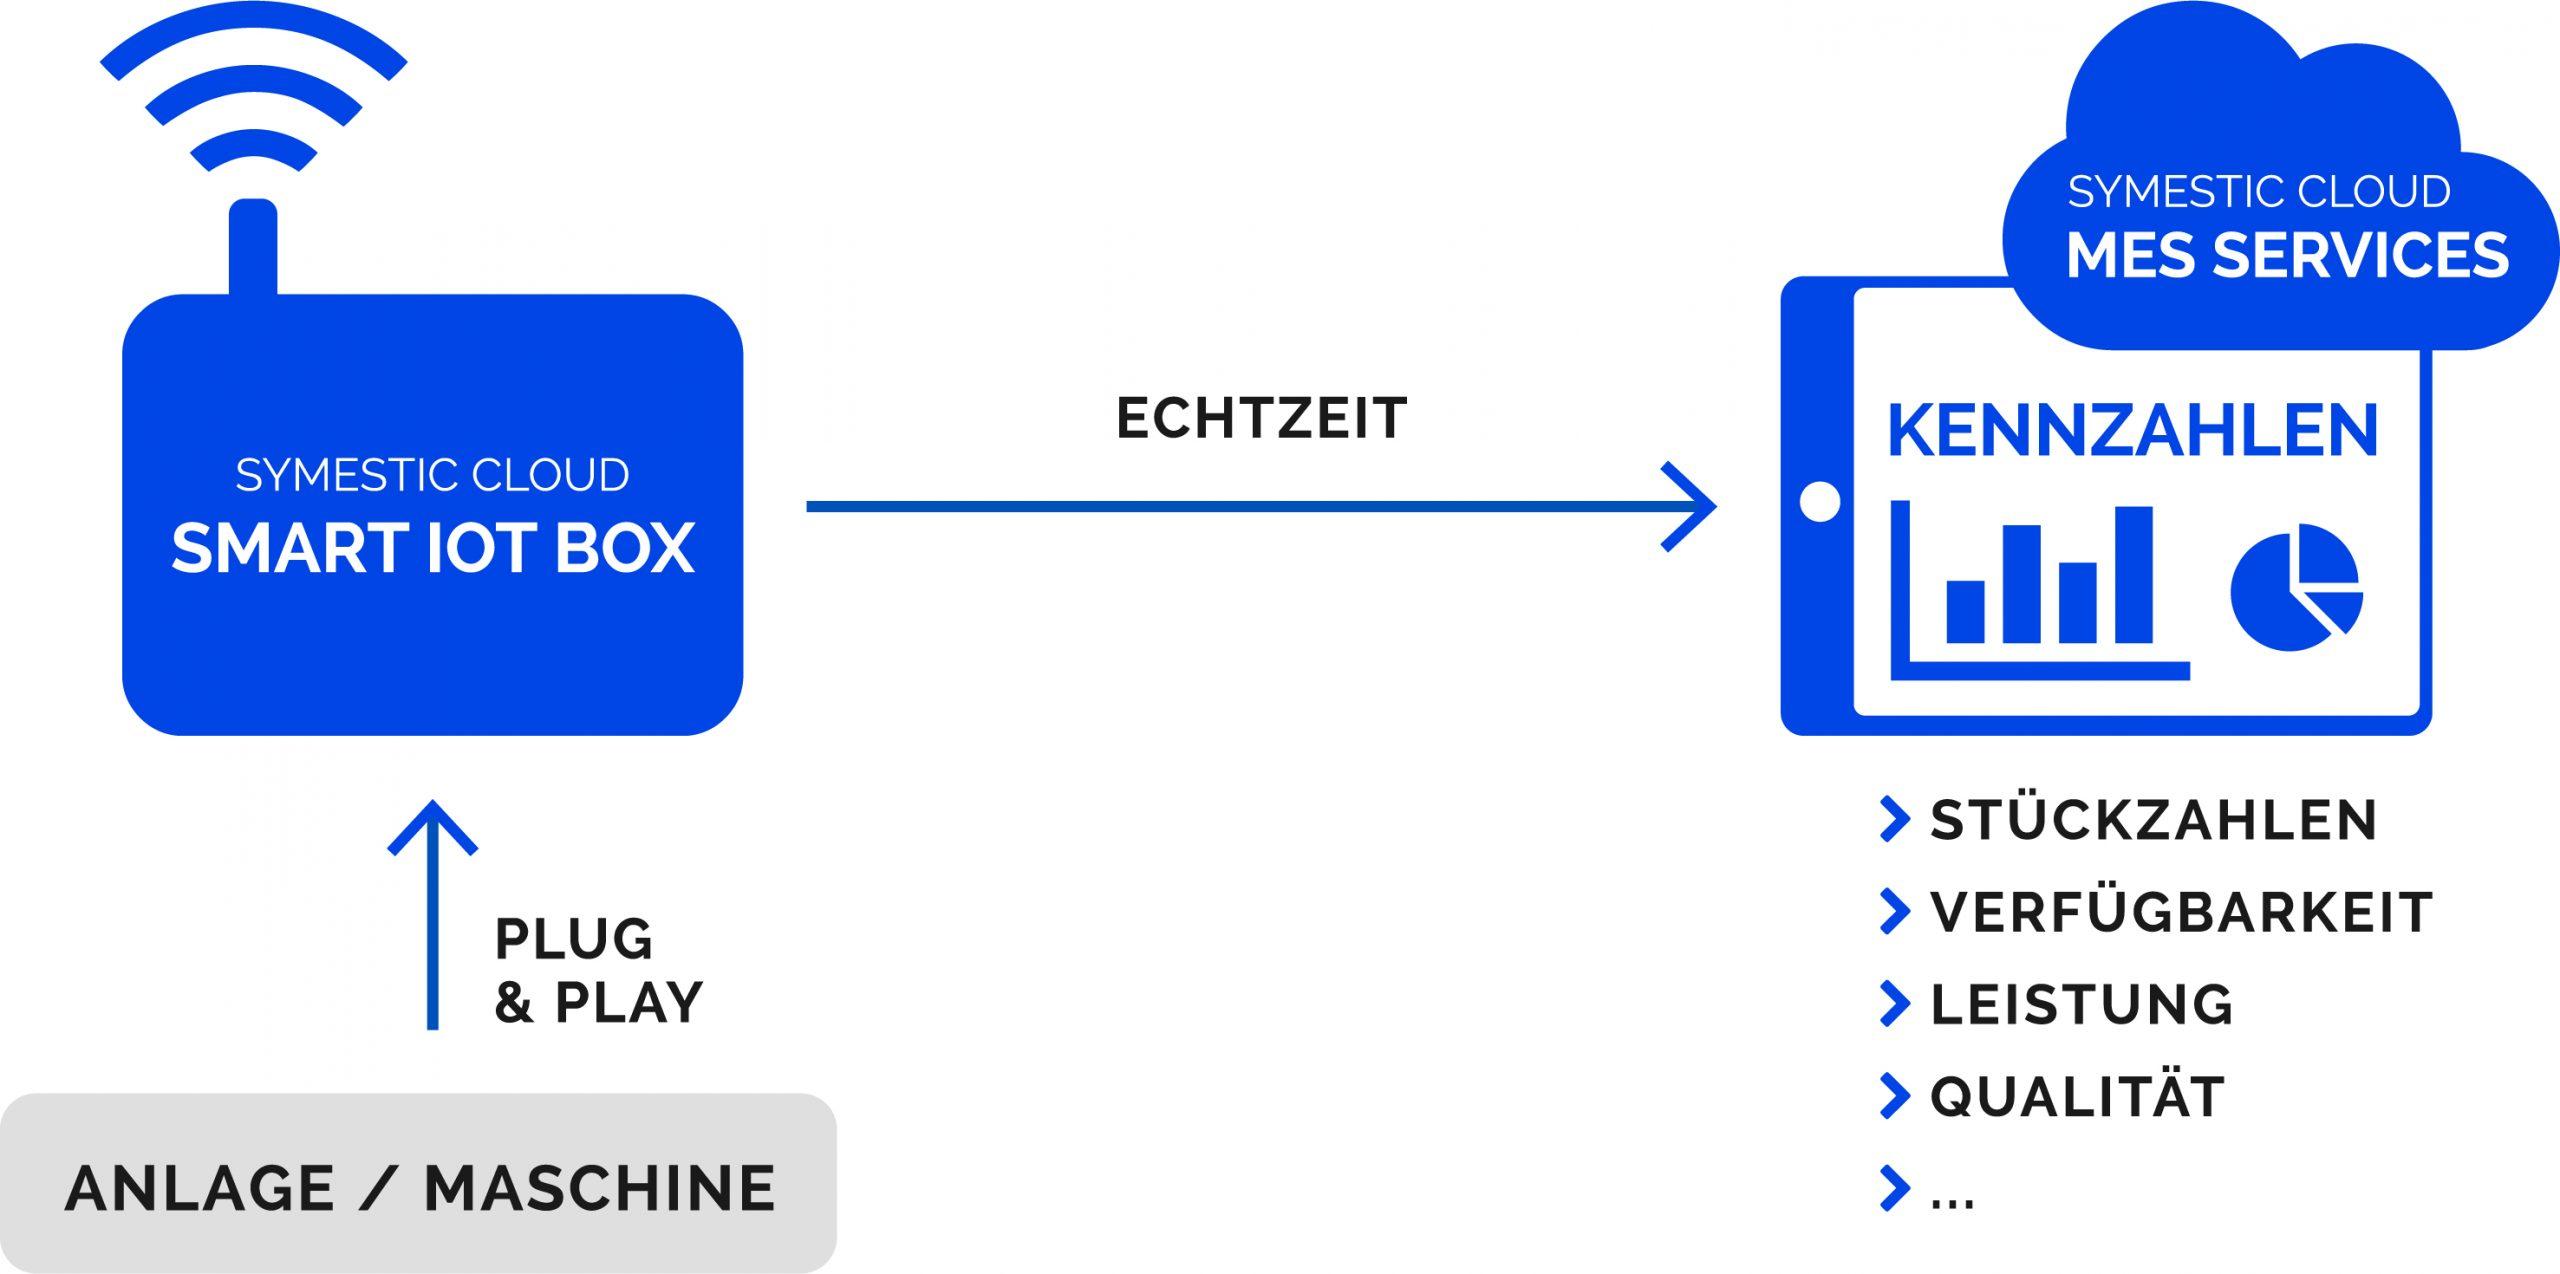 Kaum IT-Infrastruktur, viele OEE-Funktionen